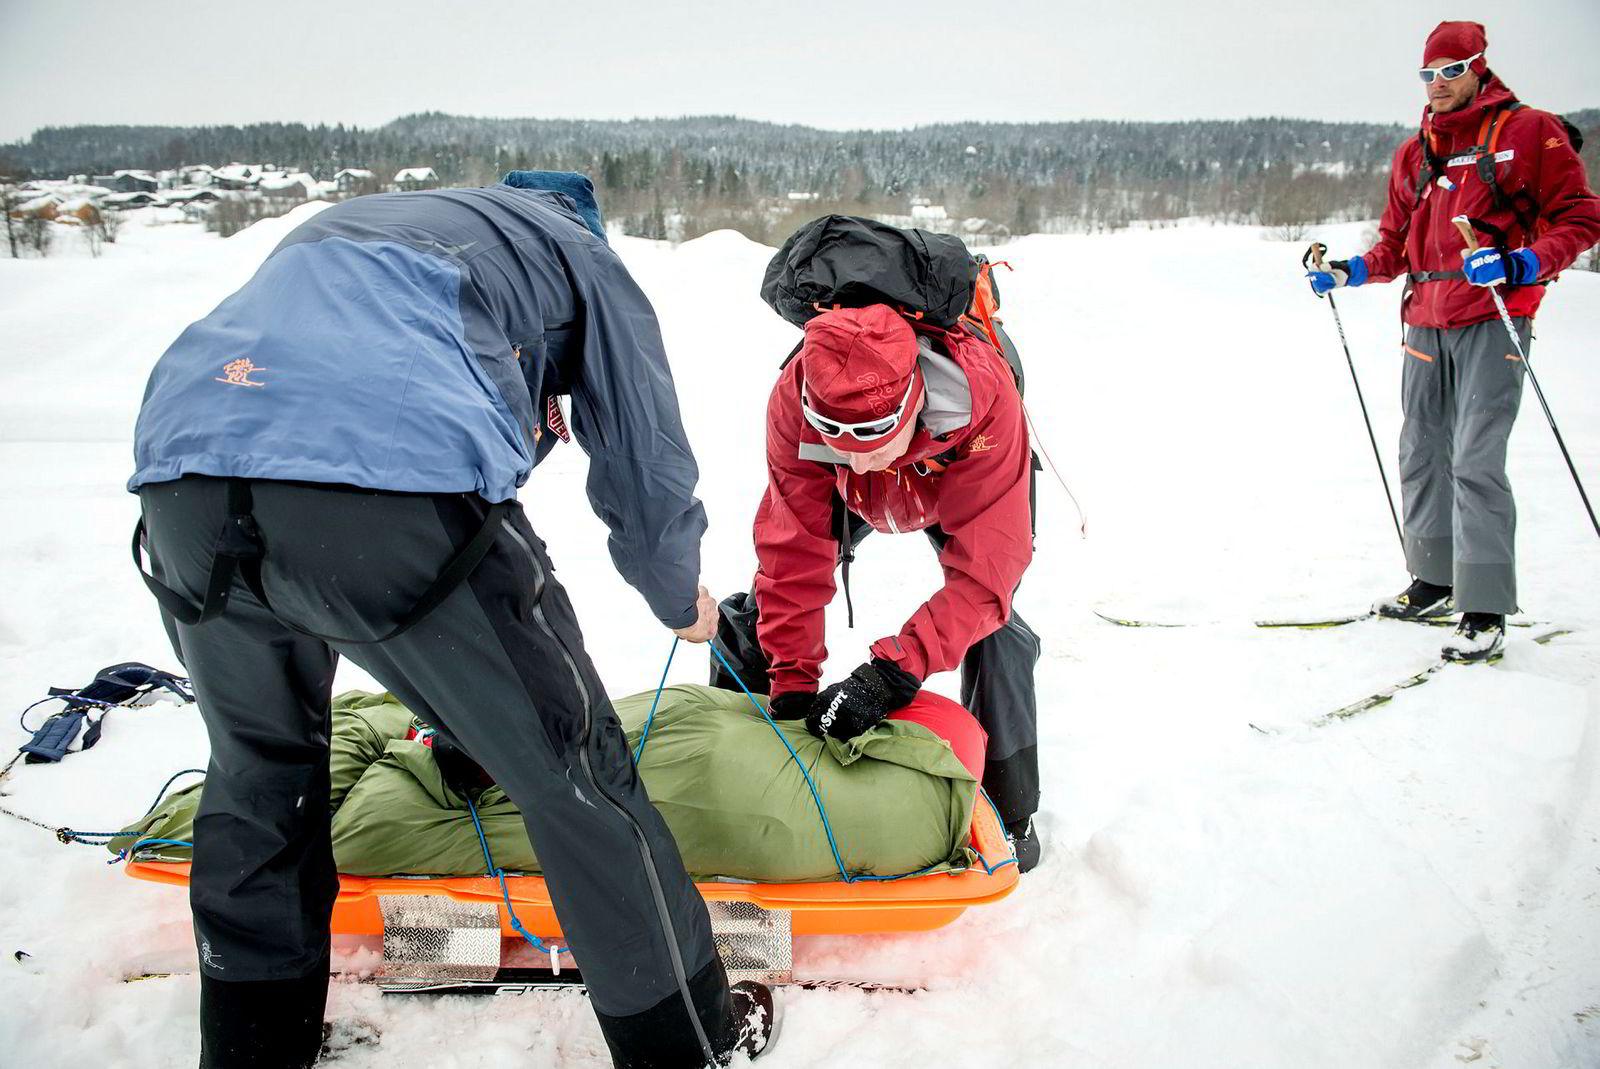 Tre pulker skal dras av fire mann over Grønland. Pulk med ski under veier omtrent fem kilo, der man legger utstyr og forsyninger som veier minimum 20–25 kilo. Den vekten vi avta utover i rekordforsøket når maten fortæres. Skiene under pulken kan fungere som reserveski.